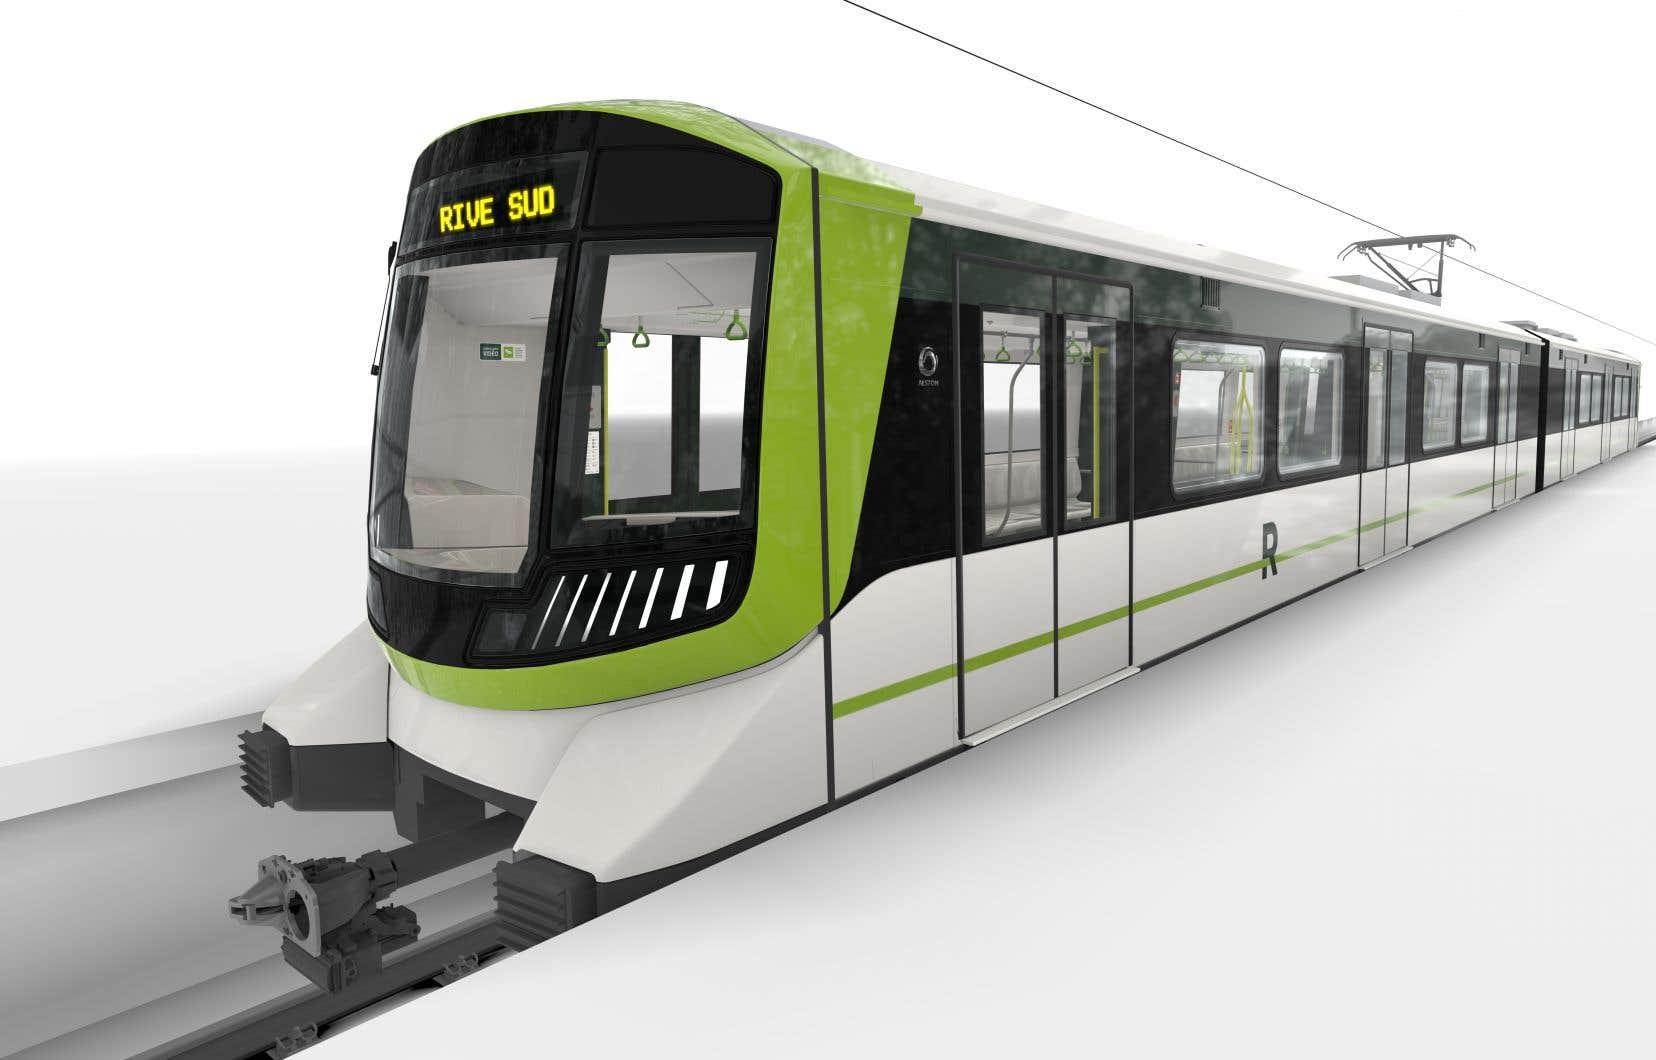 Chaque rame de quatre voitures, qui sont automatisées, permettra d'accueillir 128 passagers assis. On promet un service wifi, un plancher chauffant et de la climatisation.